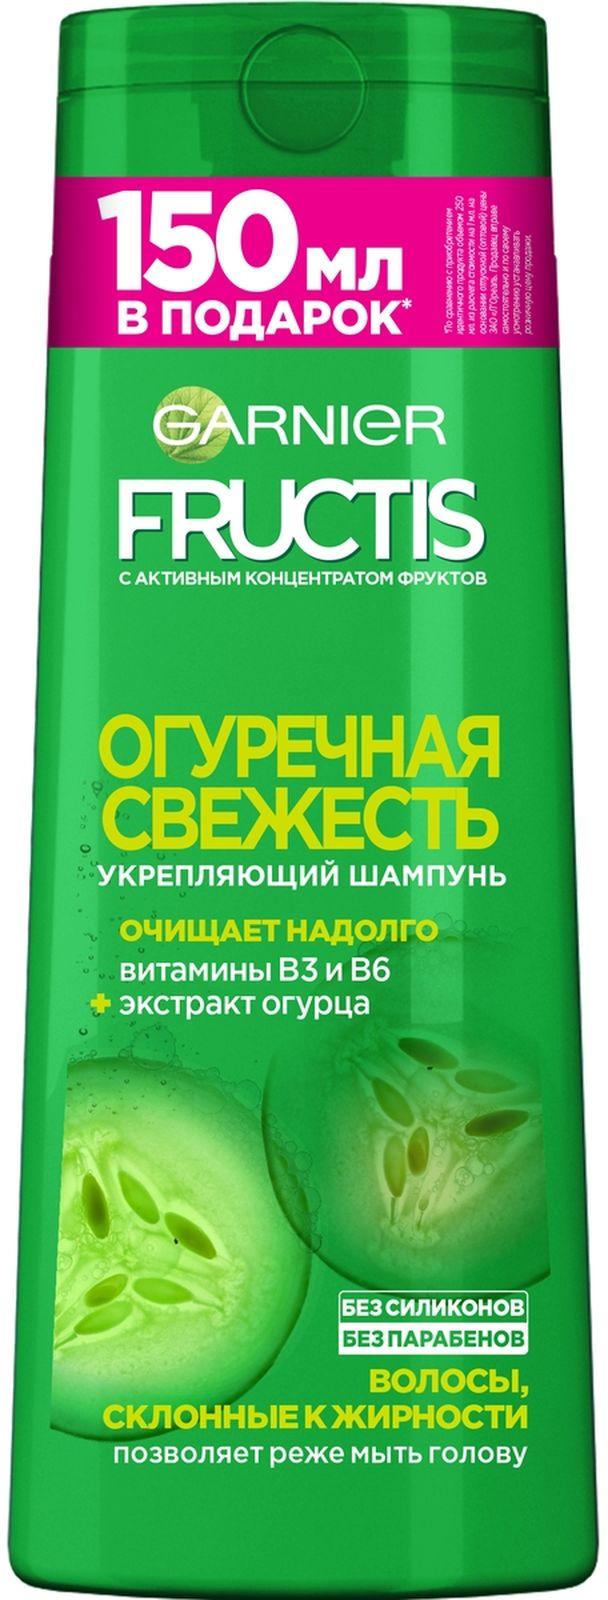 Шампунь Garnier Fructis Огуречная Свежесть, укрепляющий, для волос склонных к жирности, с экстрактом огурца, 400 мл недорго, оригинальная цена